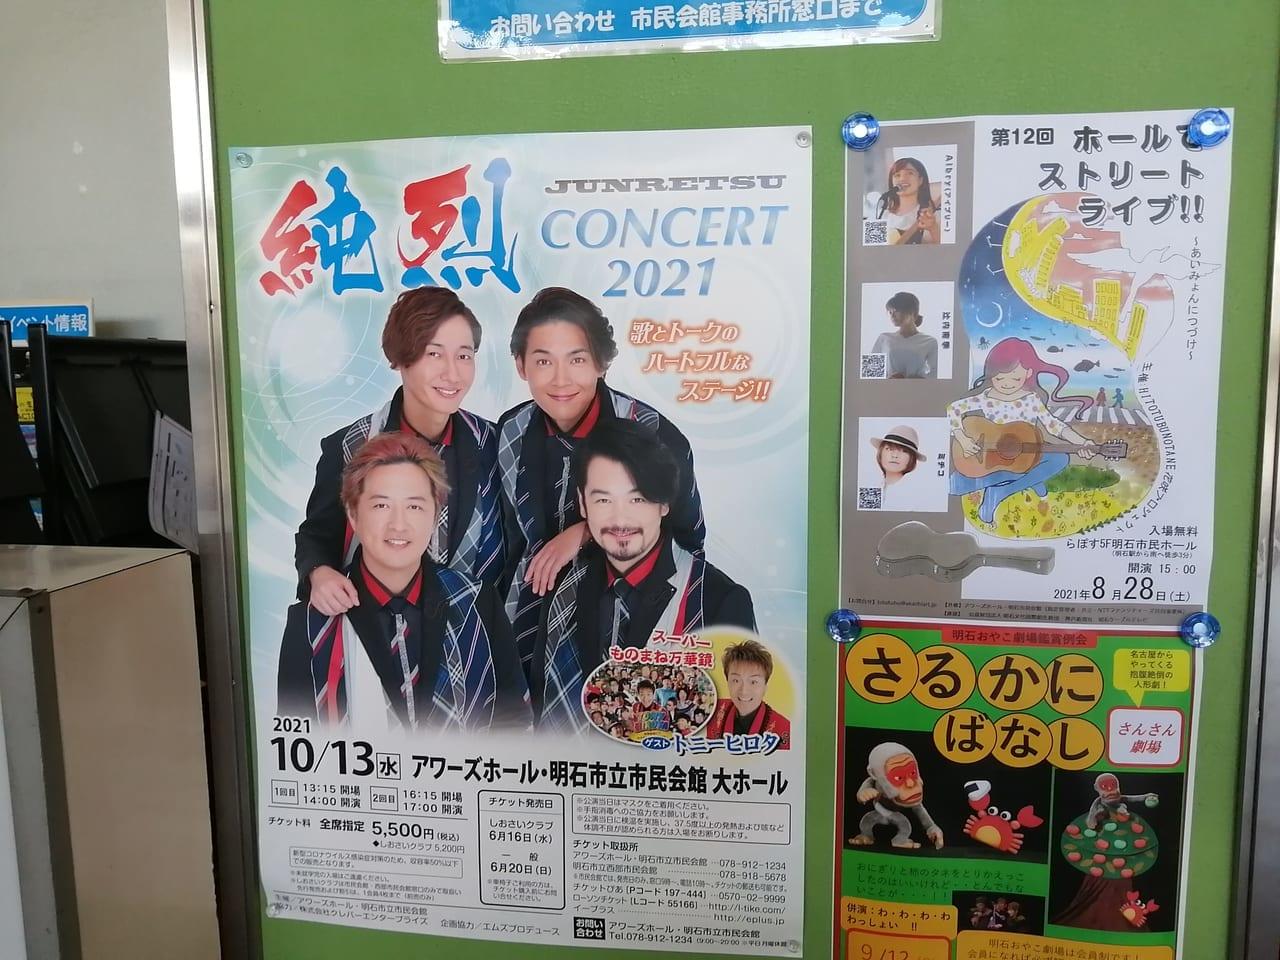 純烈コンサート2021